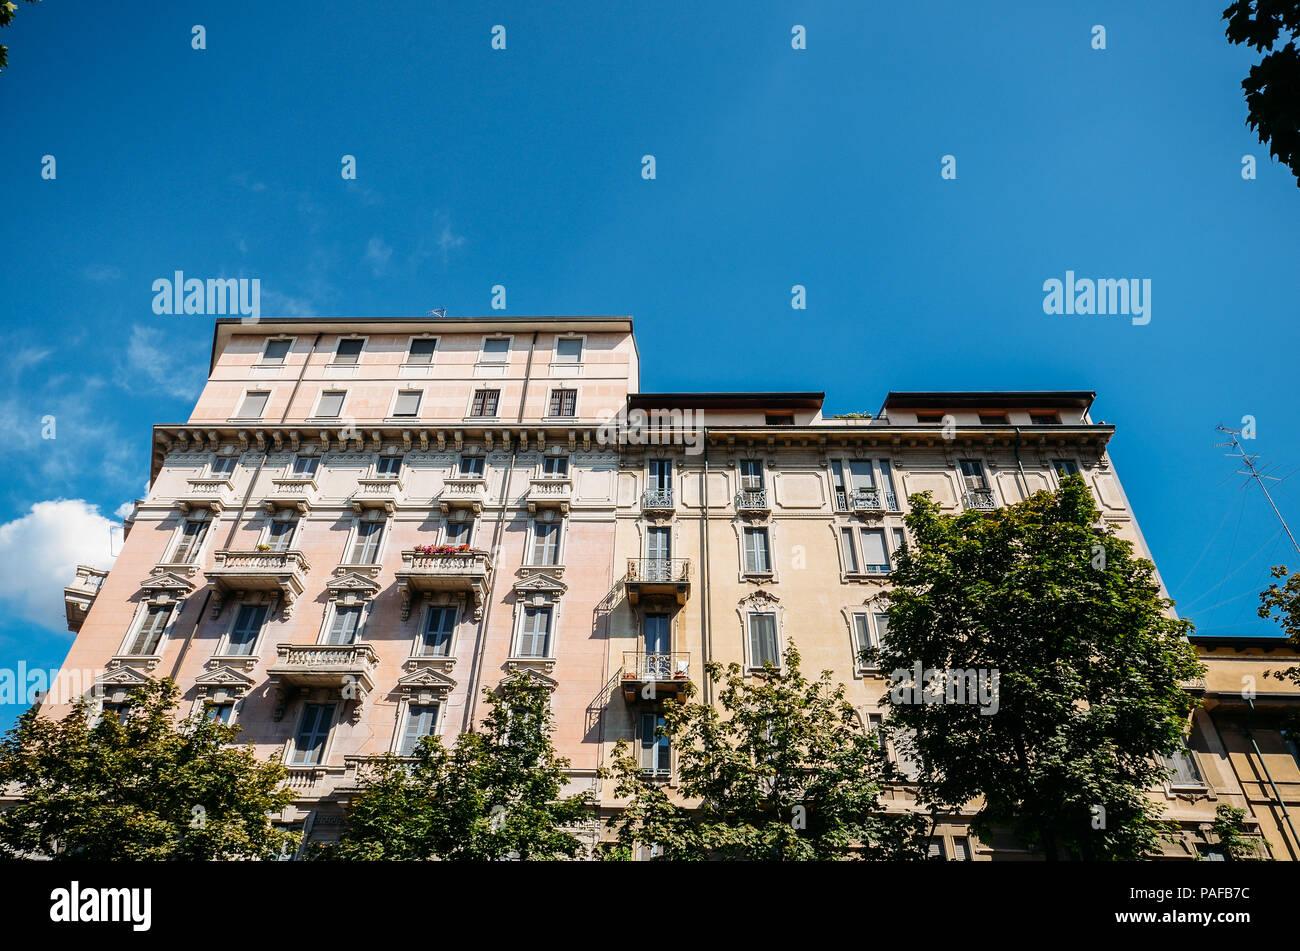 Tradizionale architettura milanese, Italia Immagini Stock